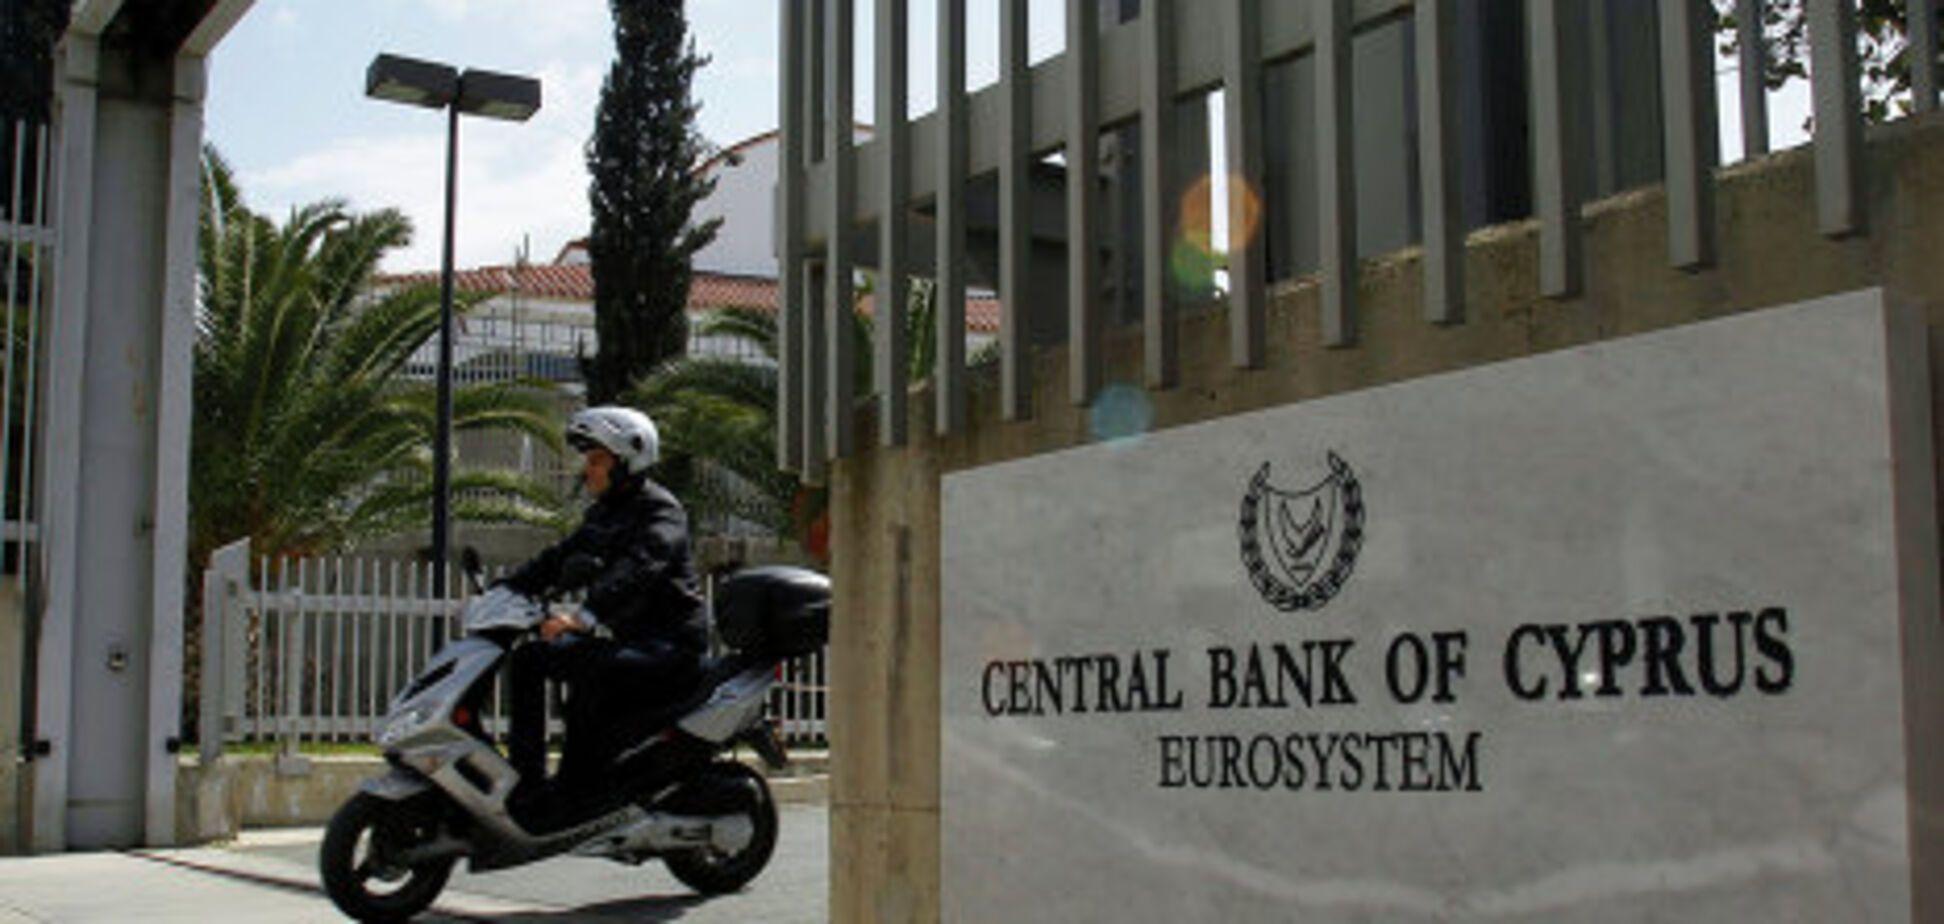 Лавочку прикриють: Кіпр завдав серйозного удару по світовим офшорам